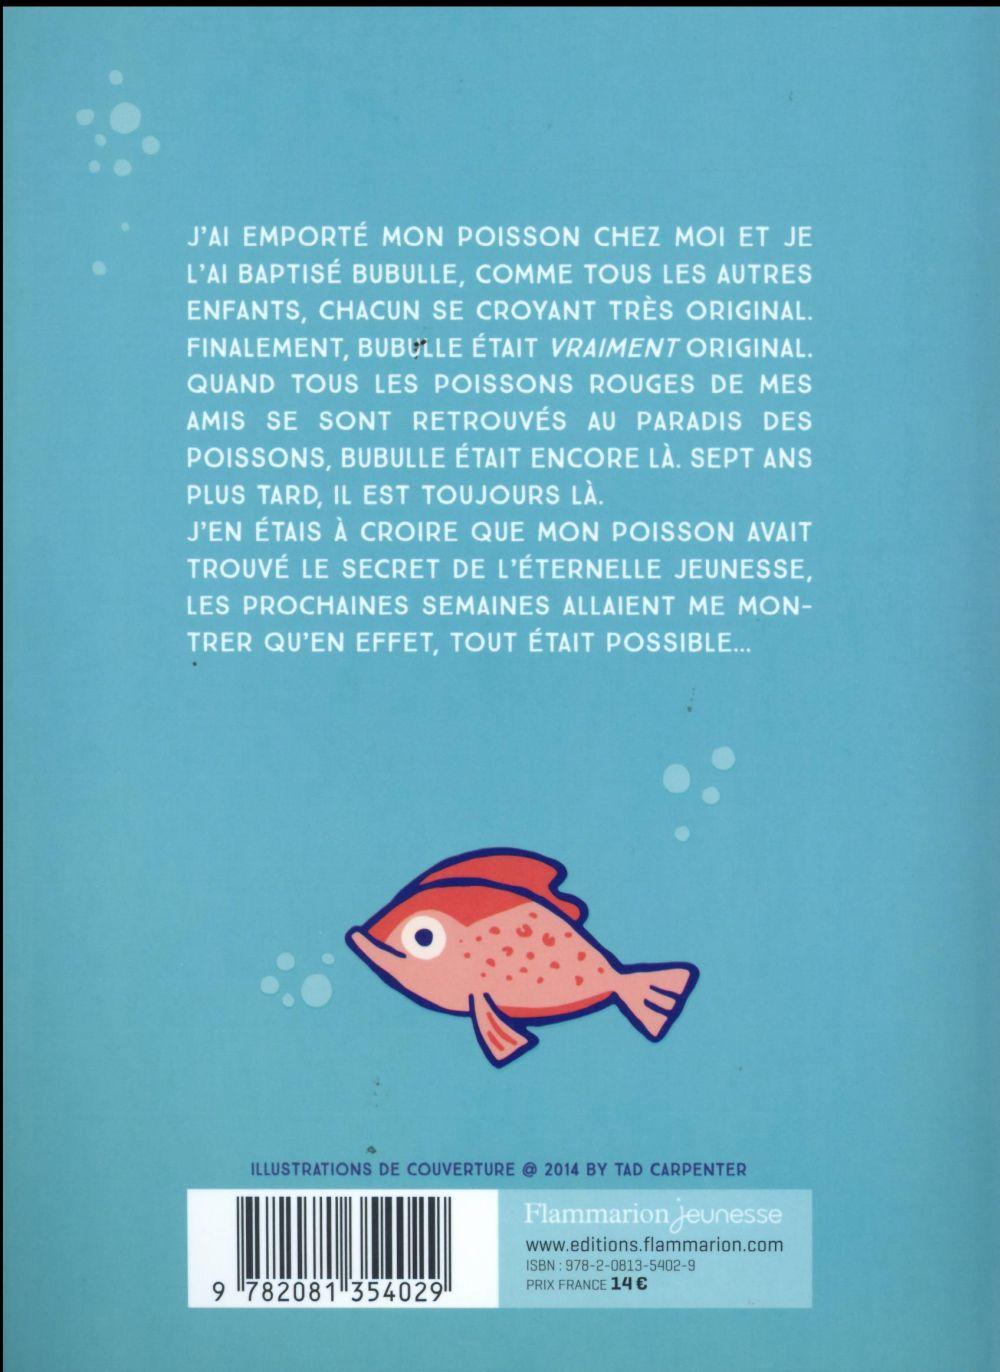 Le 14e poisson rouge